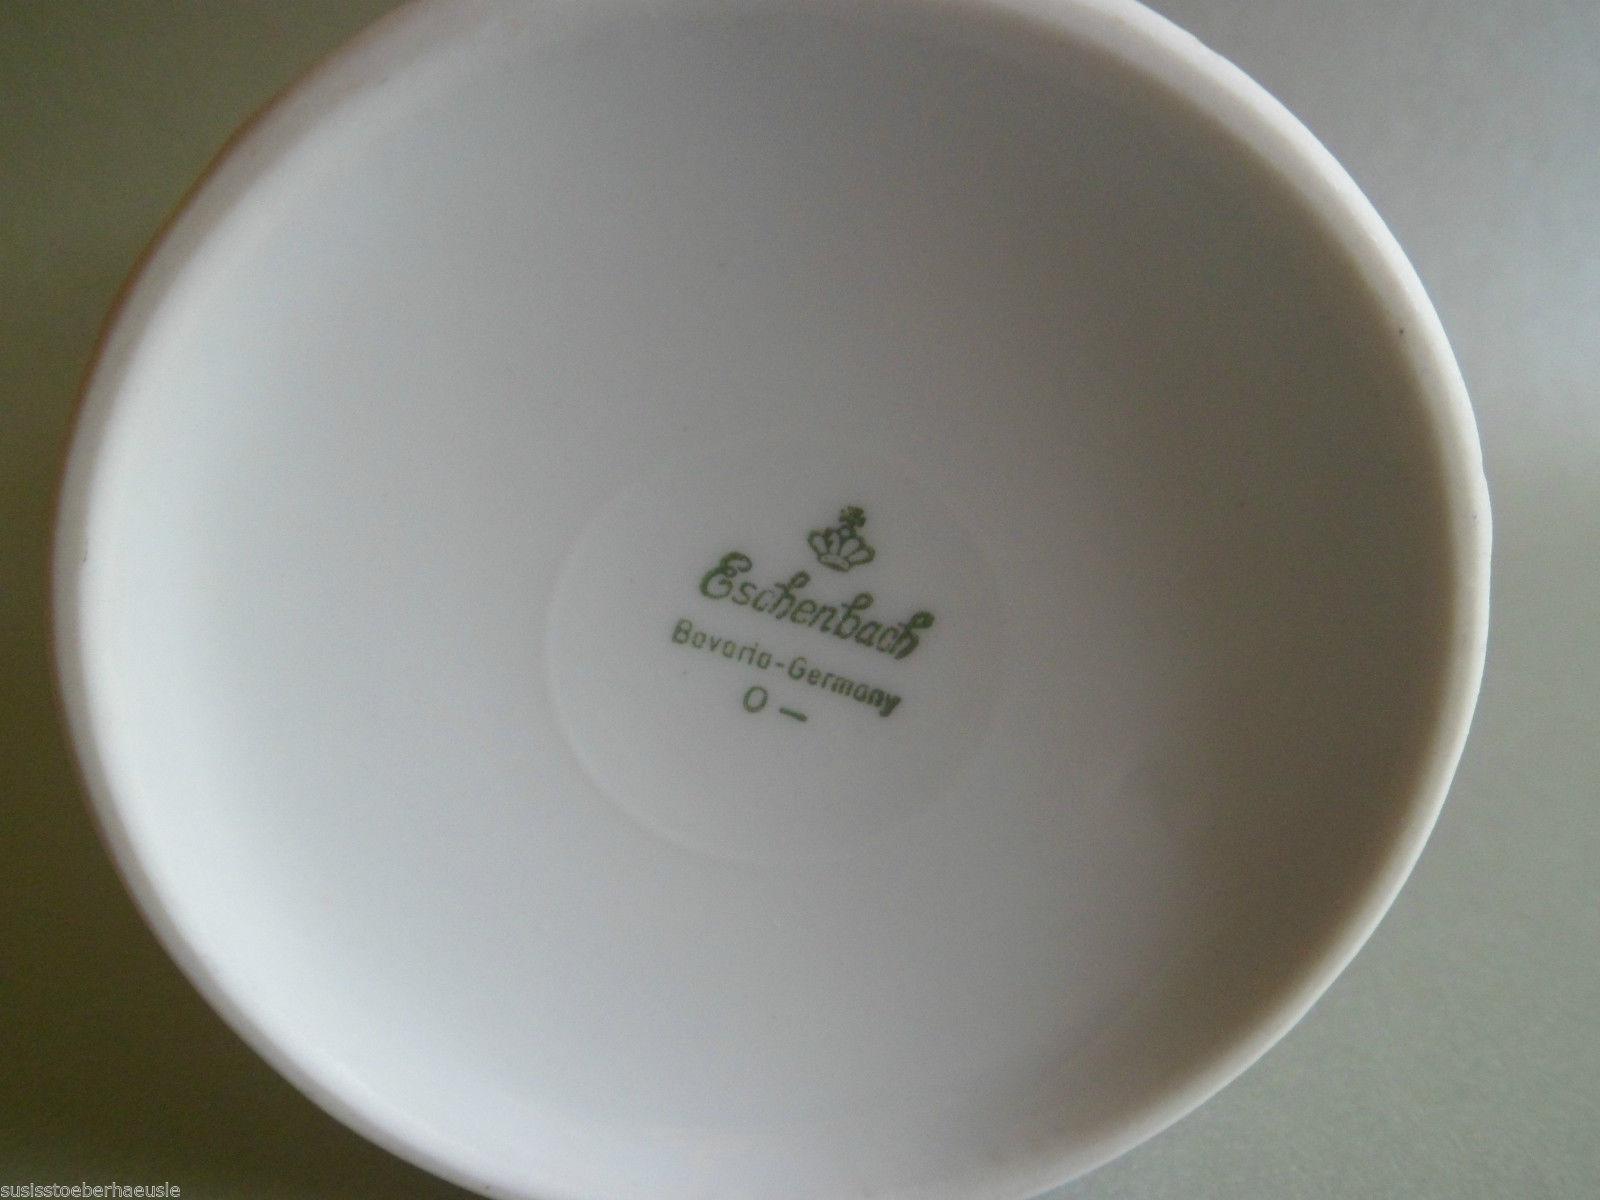 Eschenbach Porzellan Vase weiß mit Golddekor |Nice Deko